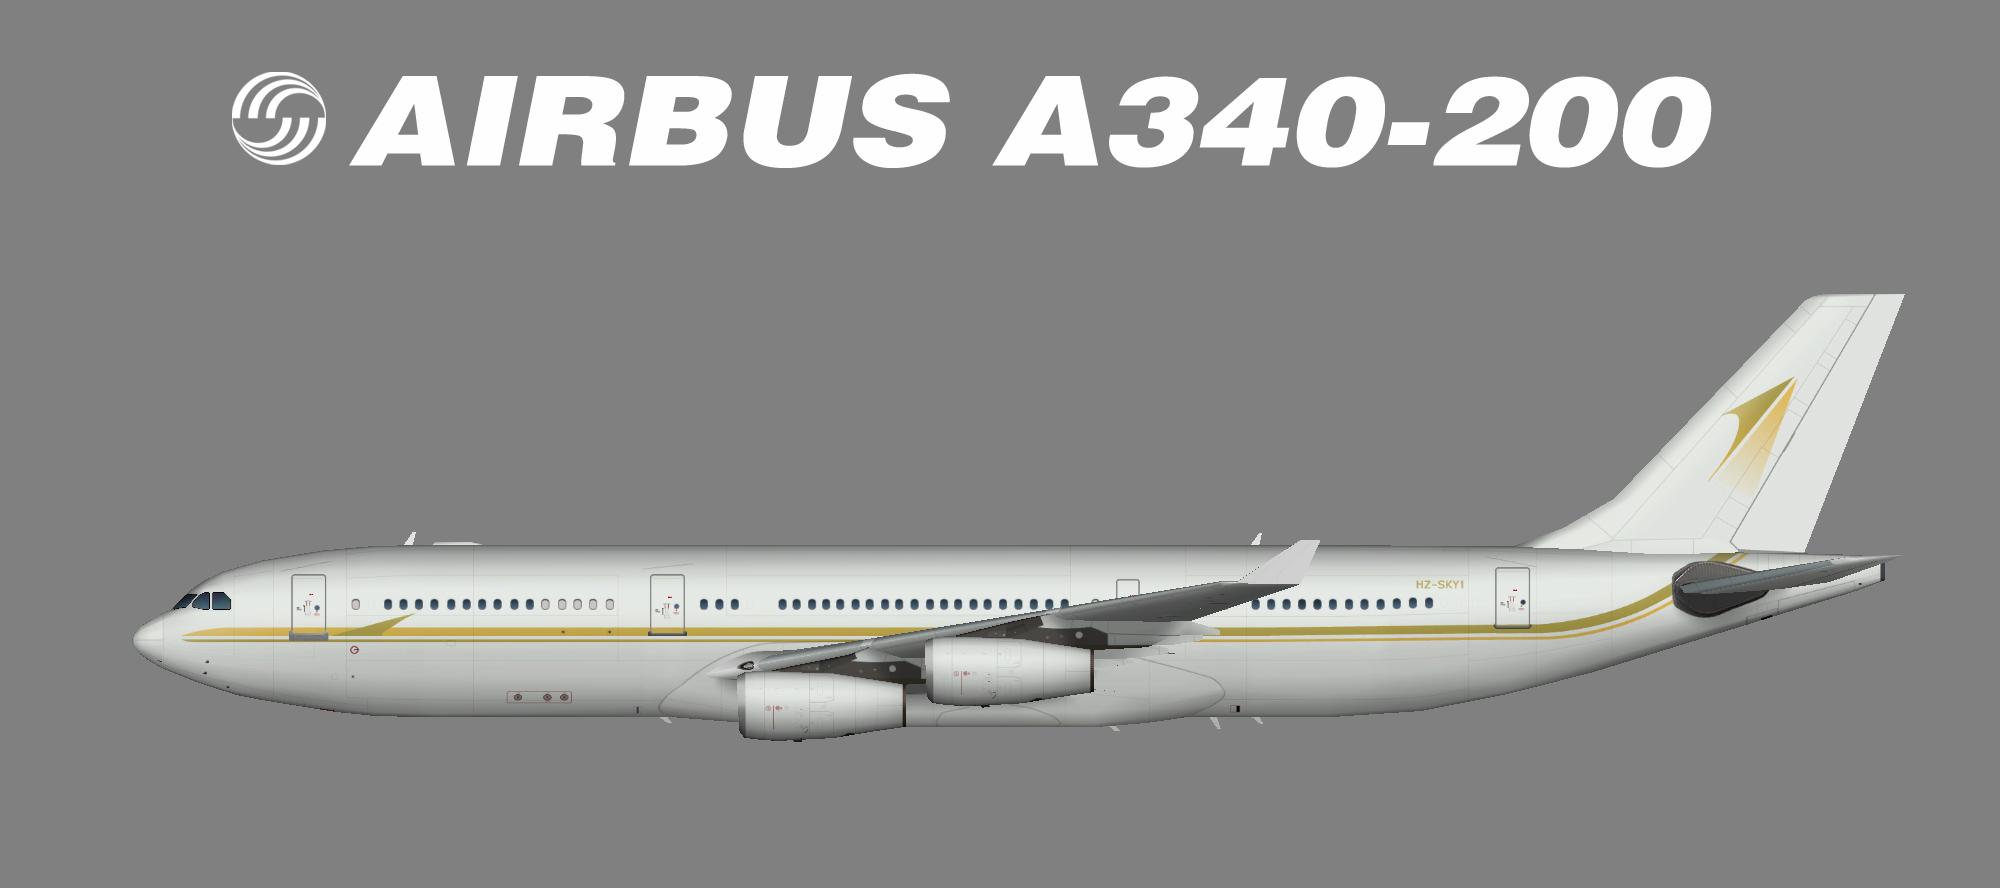 SkyPrime A340-200